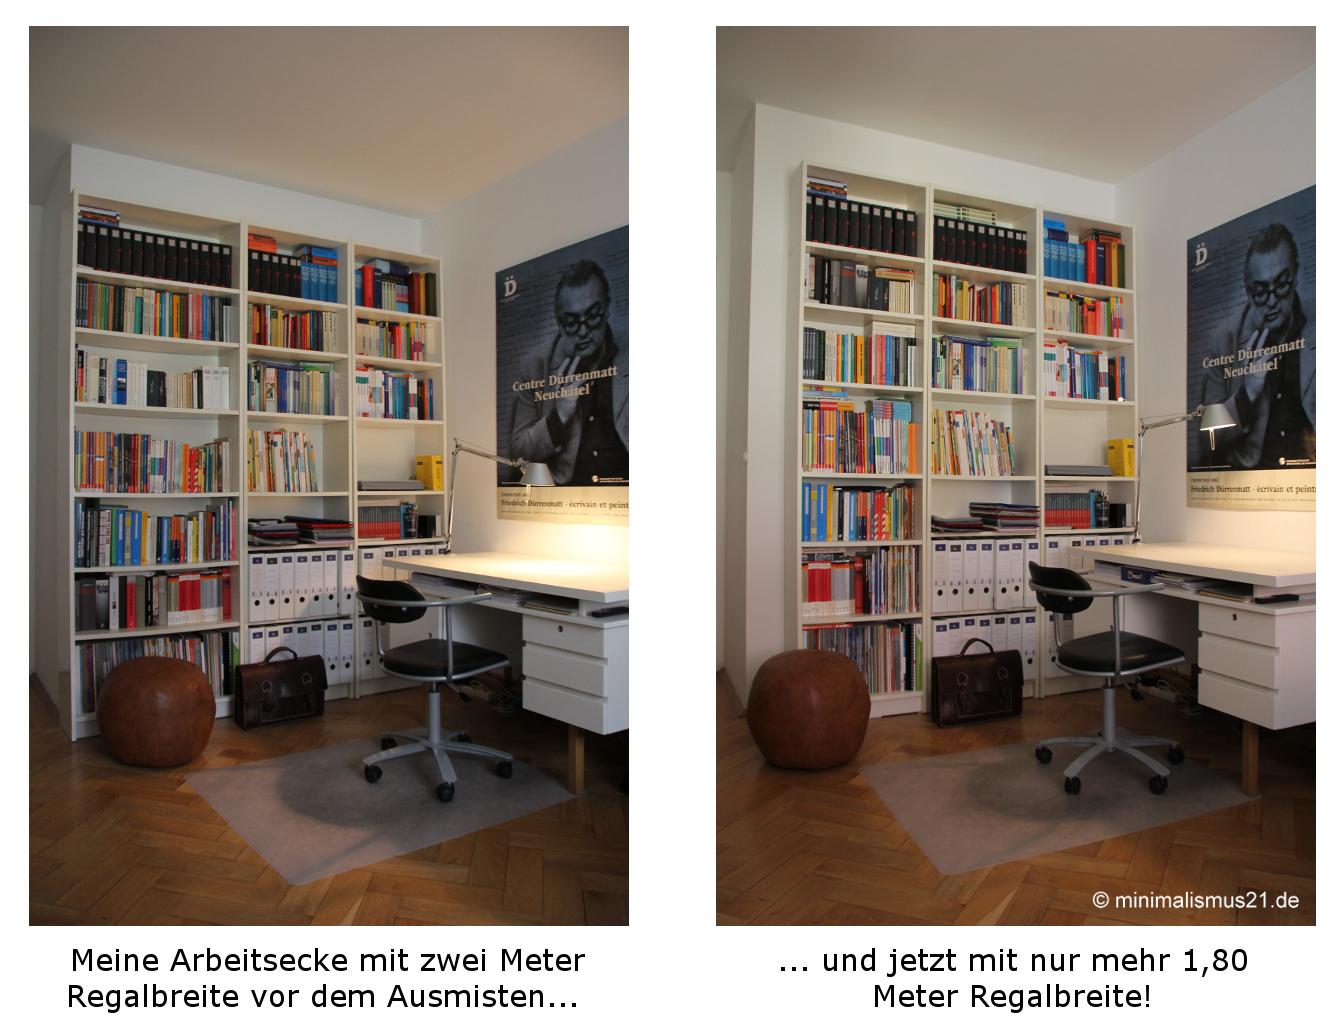 Didaktische reduktion minimalismus21 for Minimalistisch essen